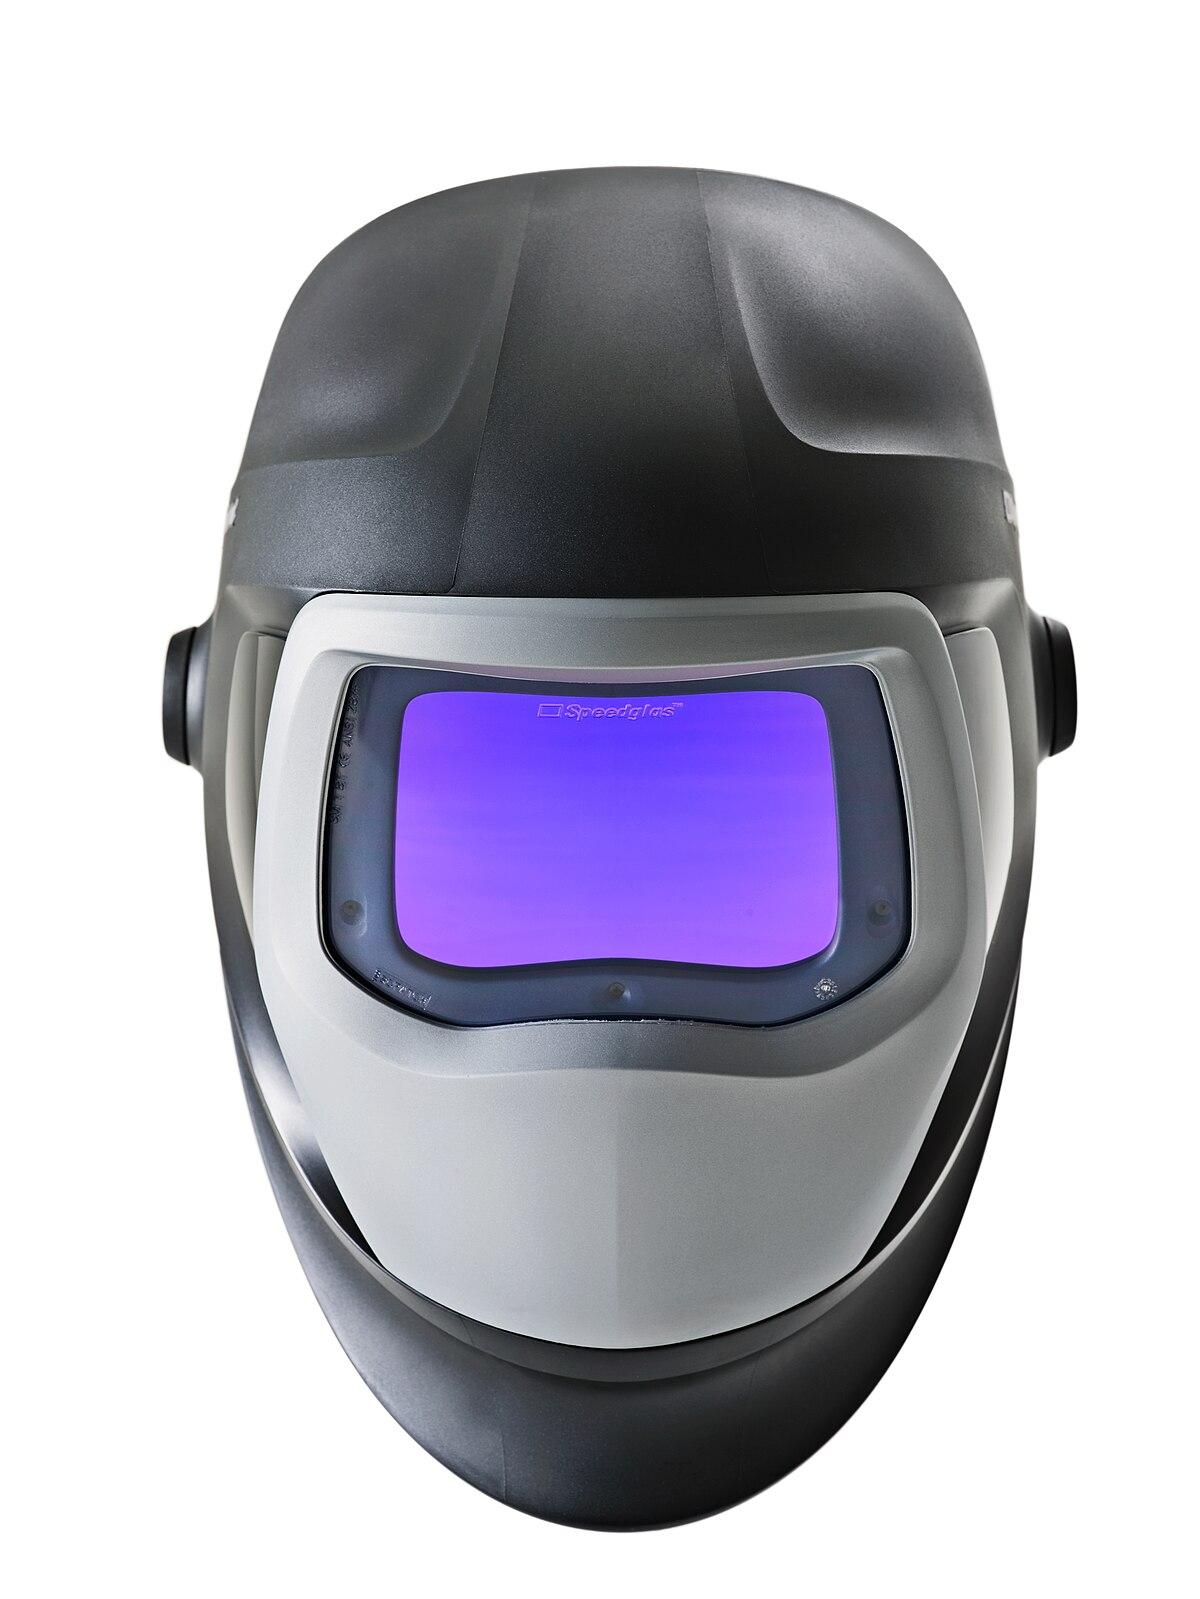 Welding helmet - Wikipedia